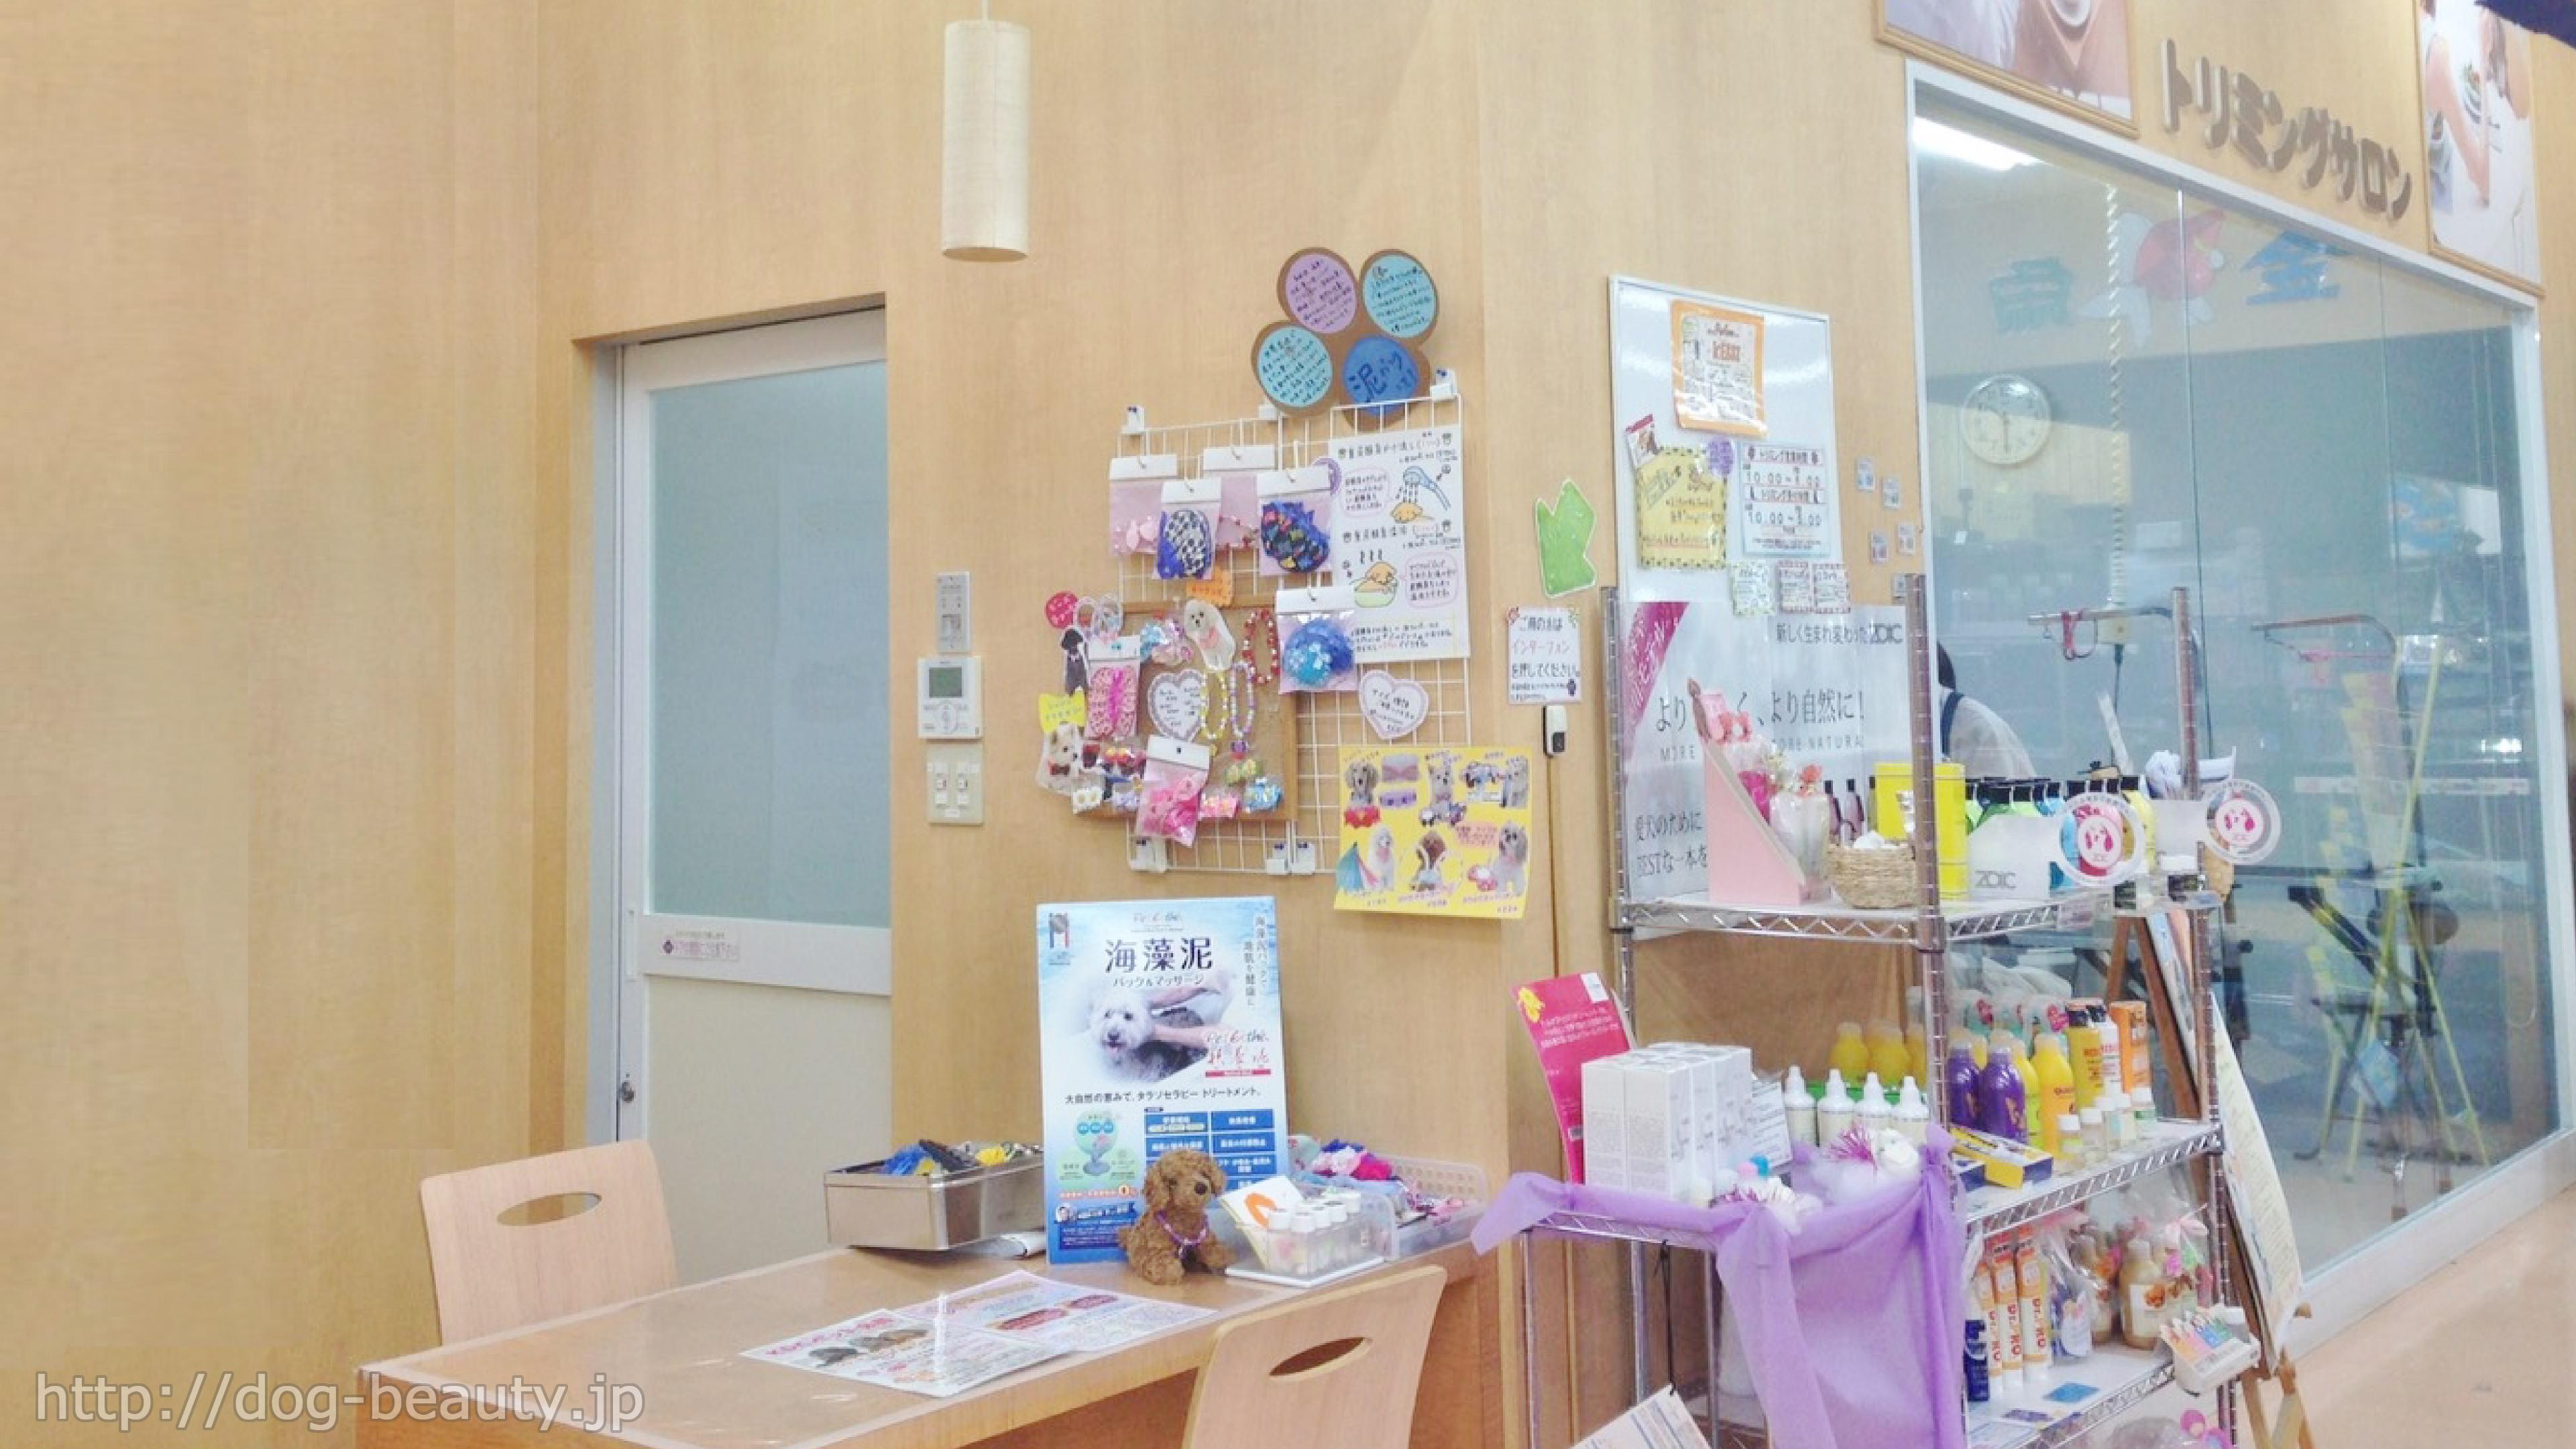 空港ドッグセンター 平井店